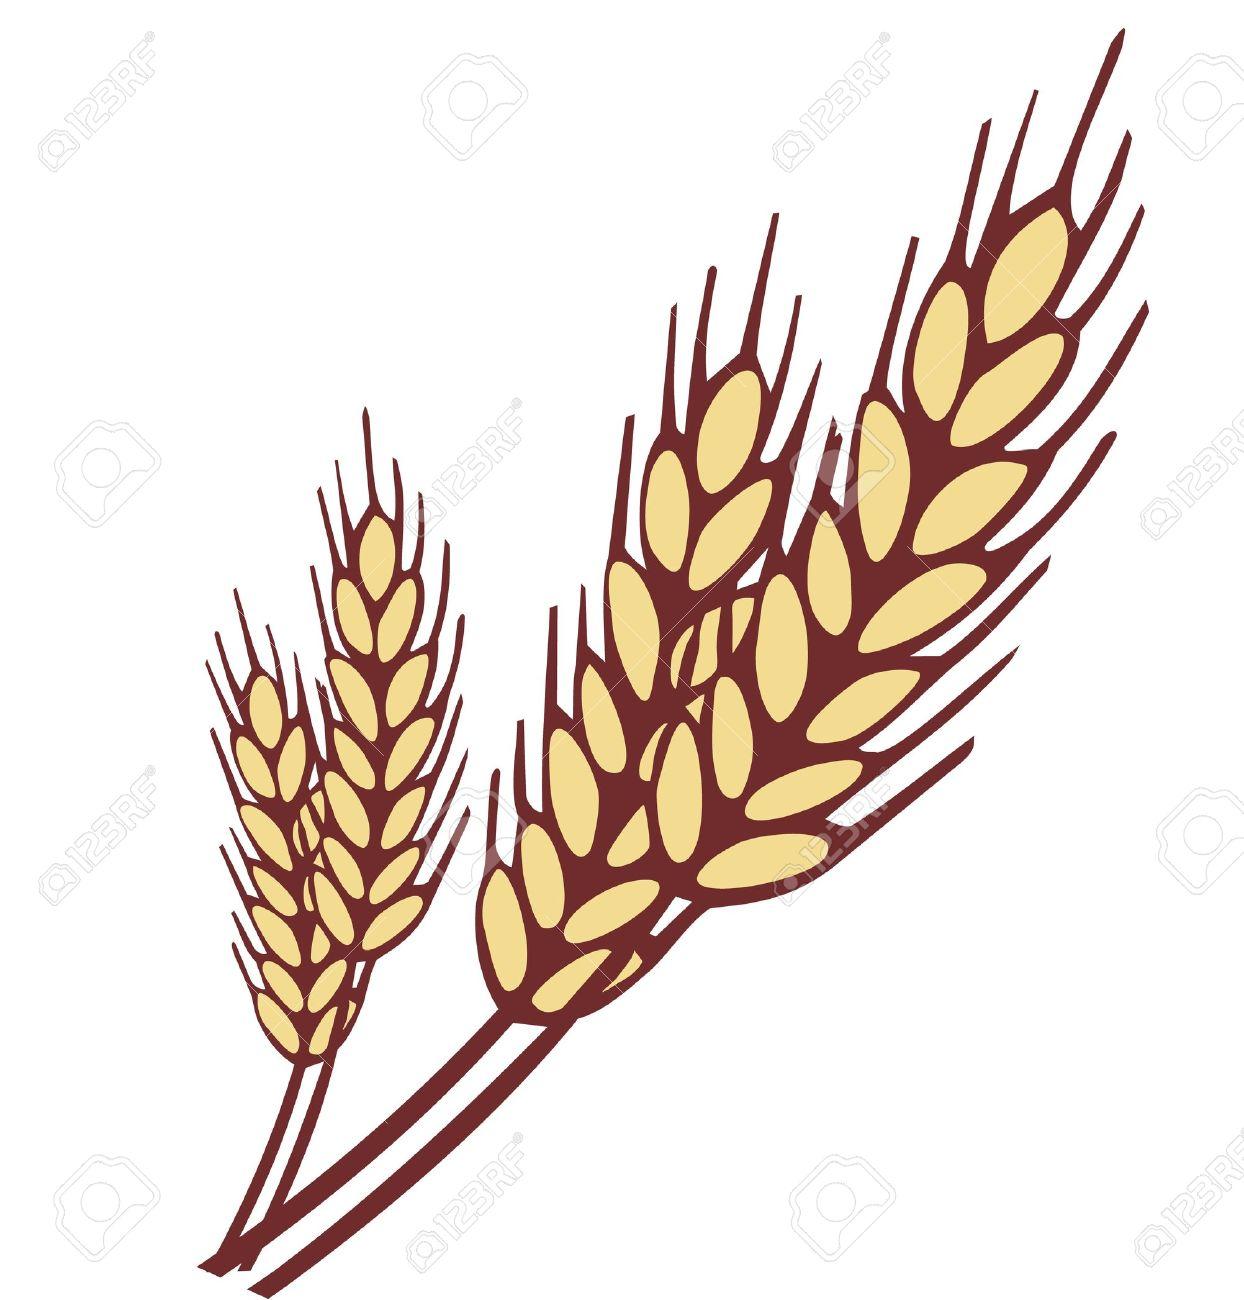 Wheat ear - 18010398